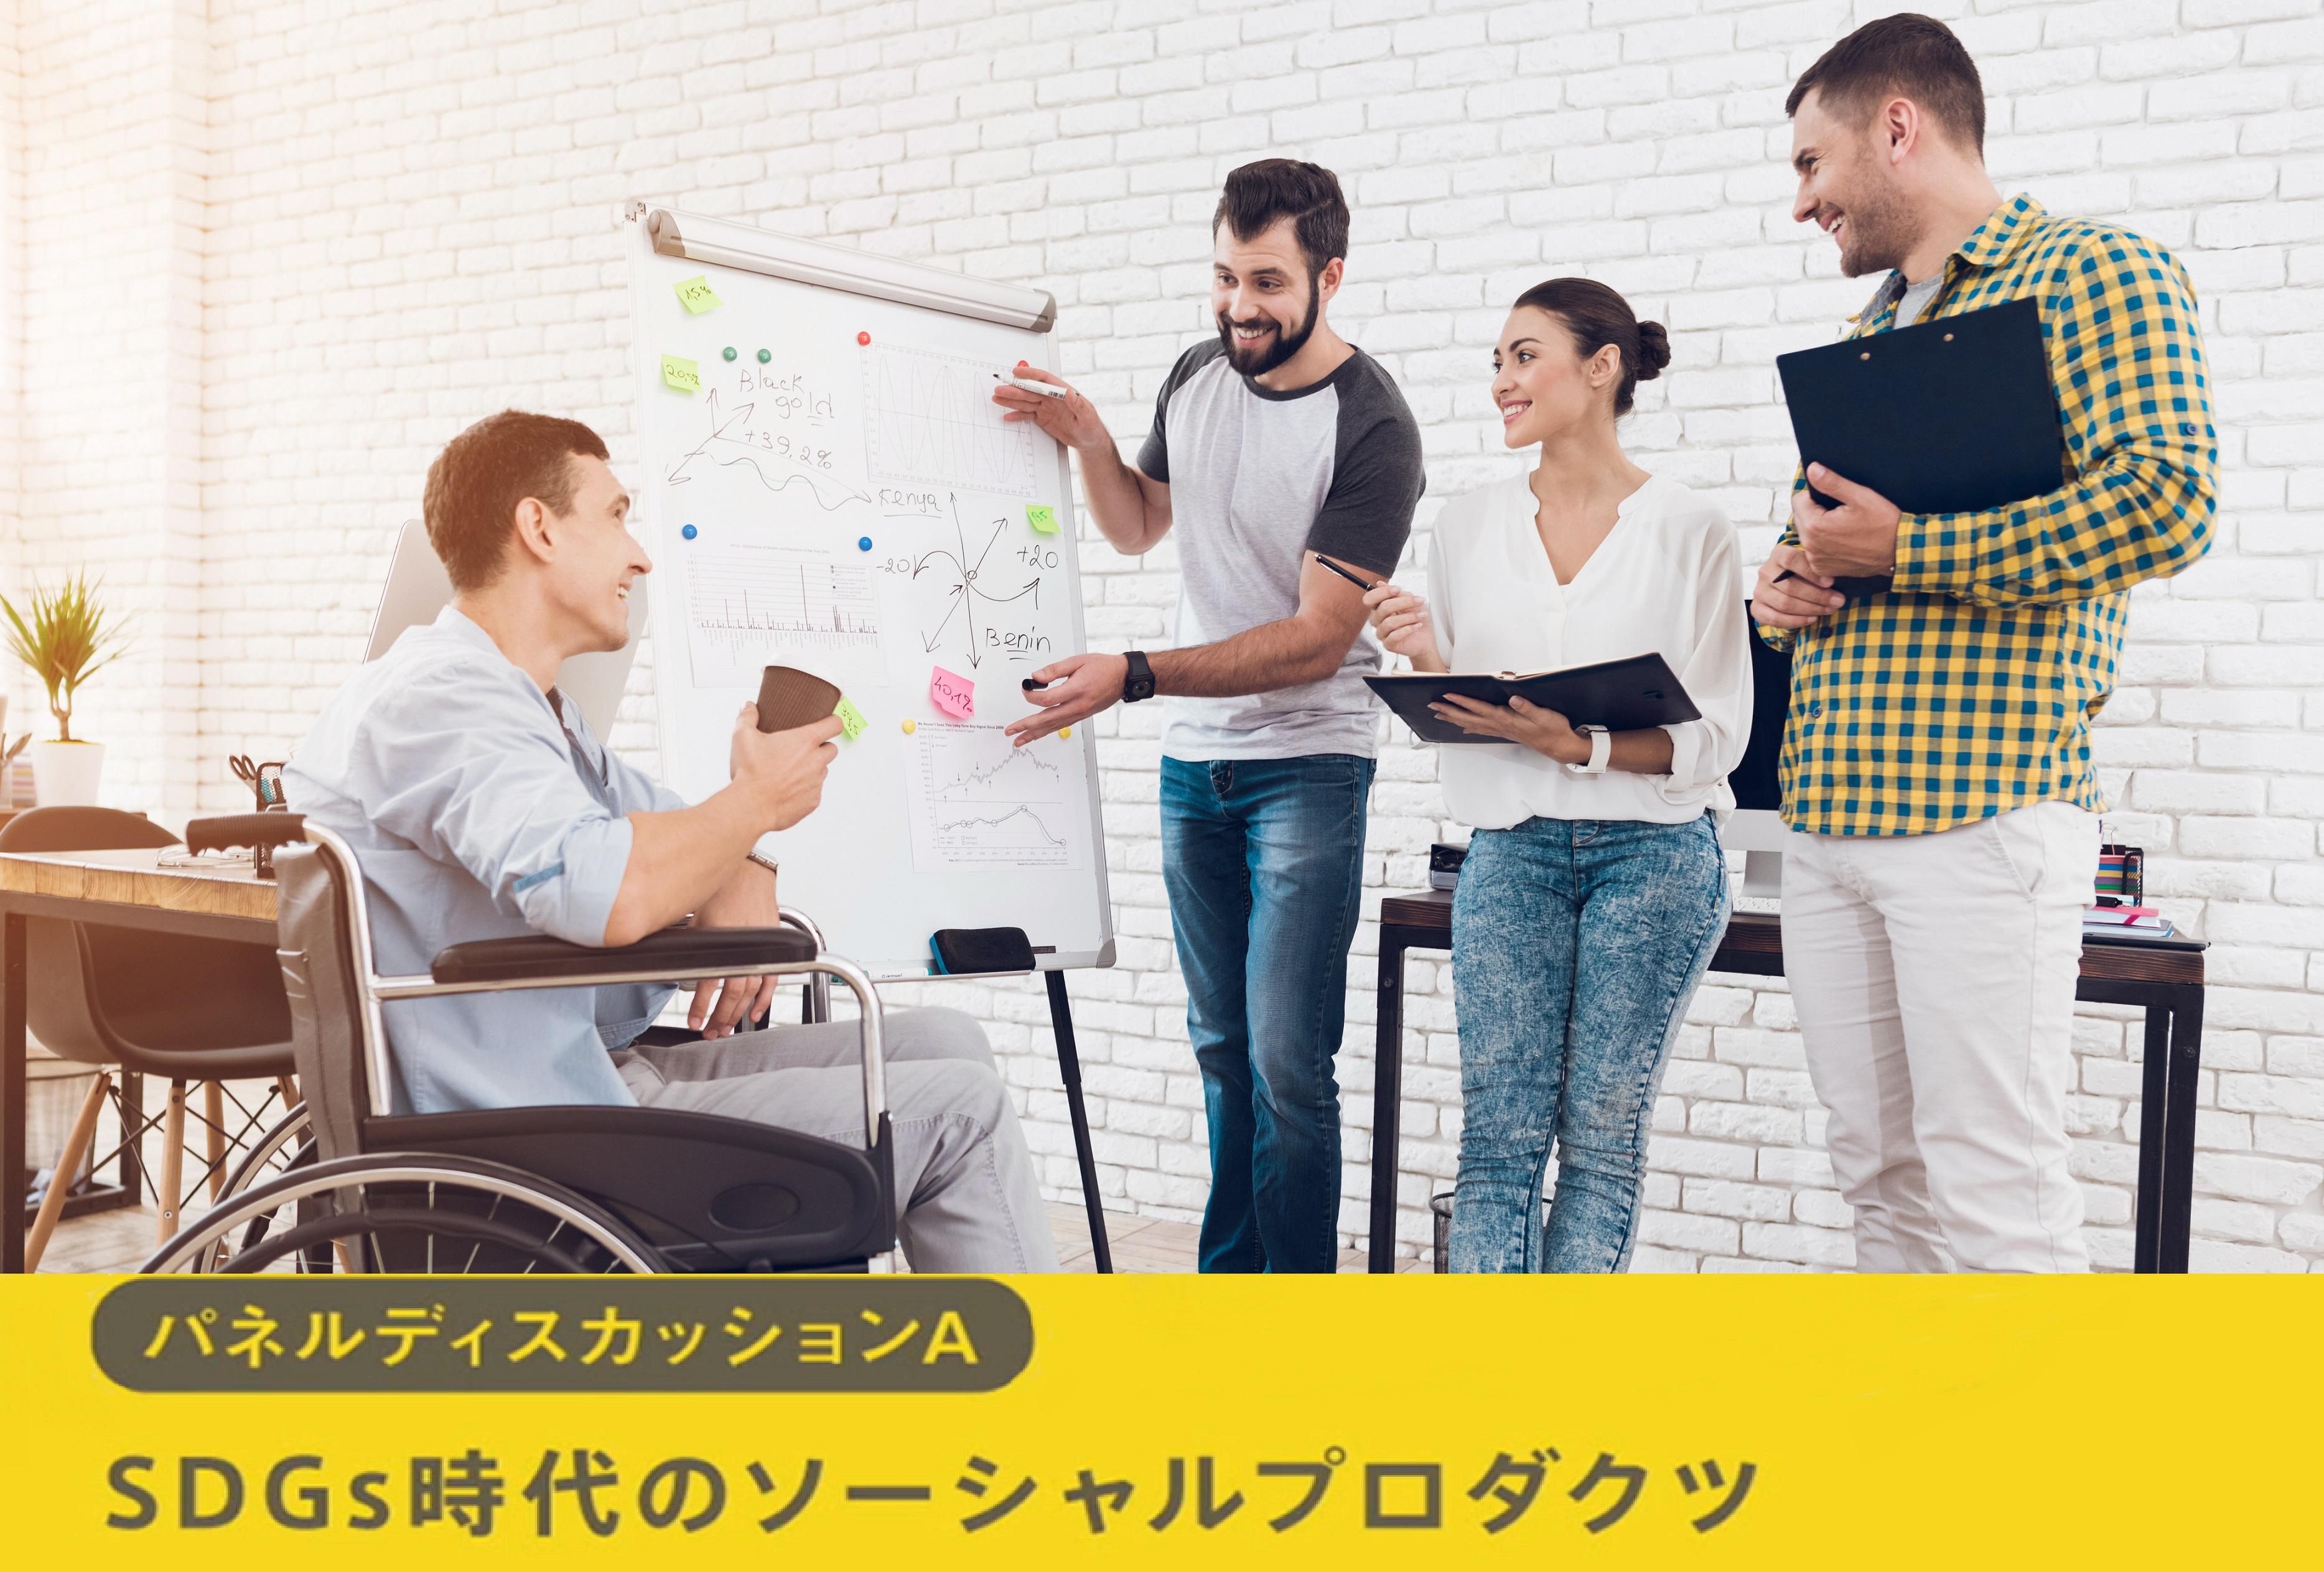 ソーシャルプロダクツ・アワード2021<br>オンライン応募説明会 パネルディスカッションB<br>レポート -障害者雇用とマーケティングを統合するには-